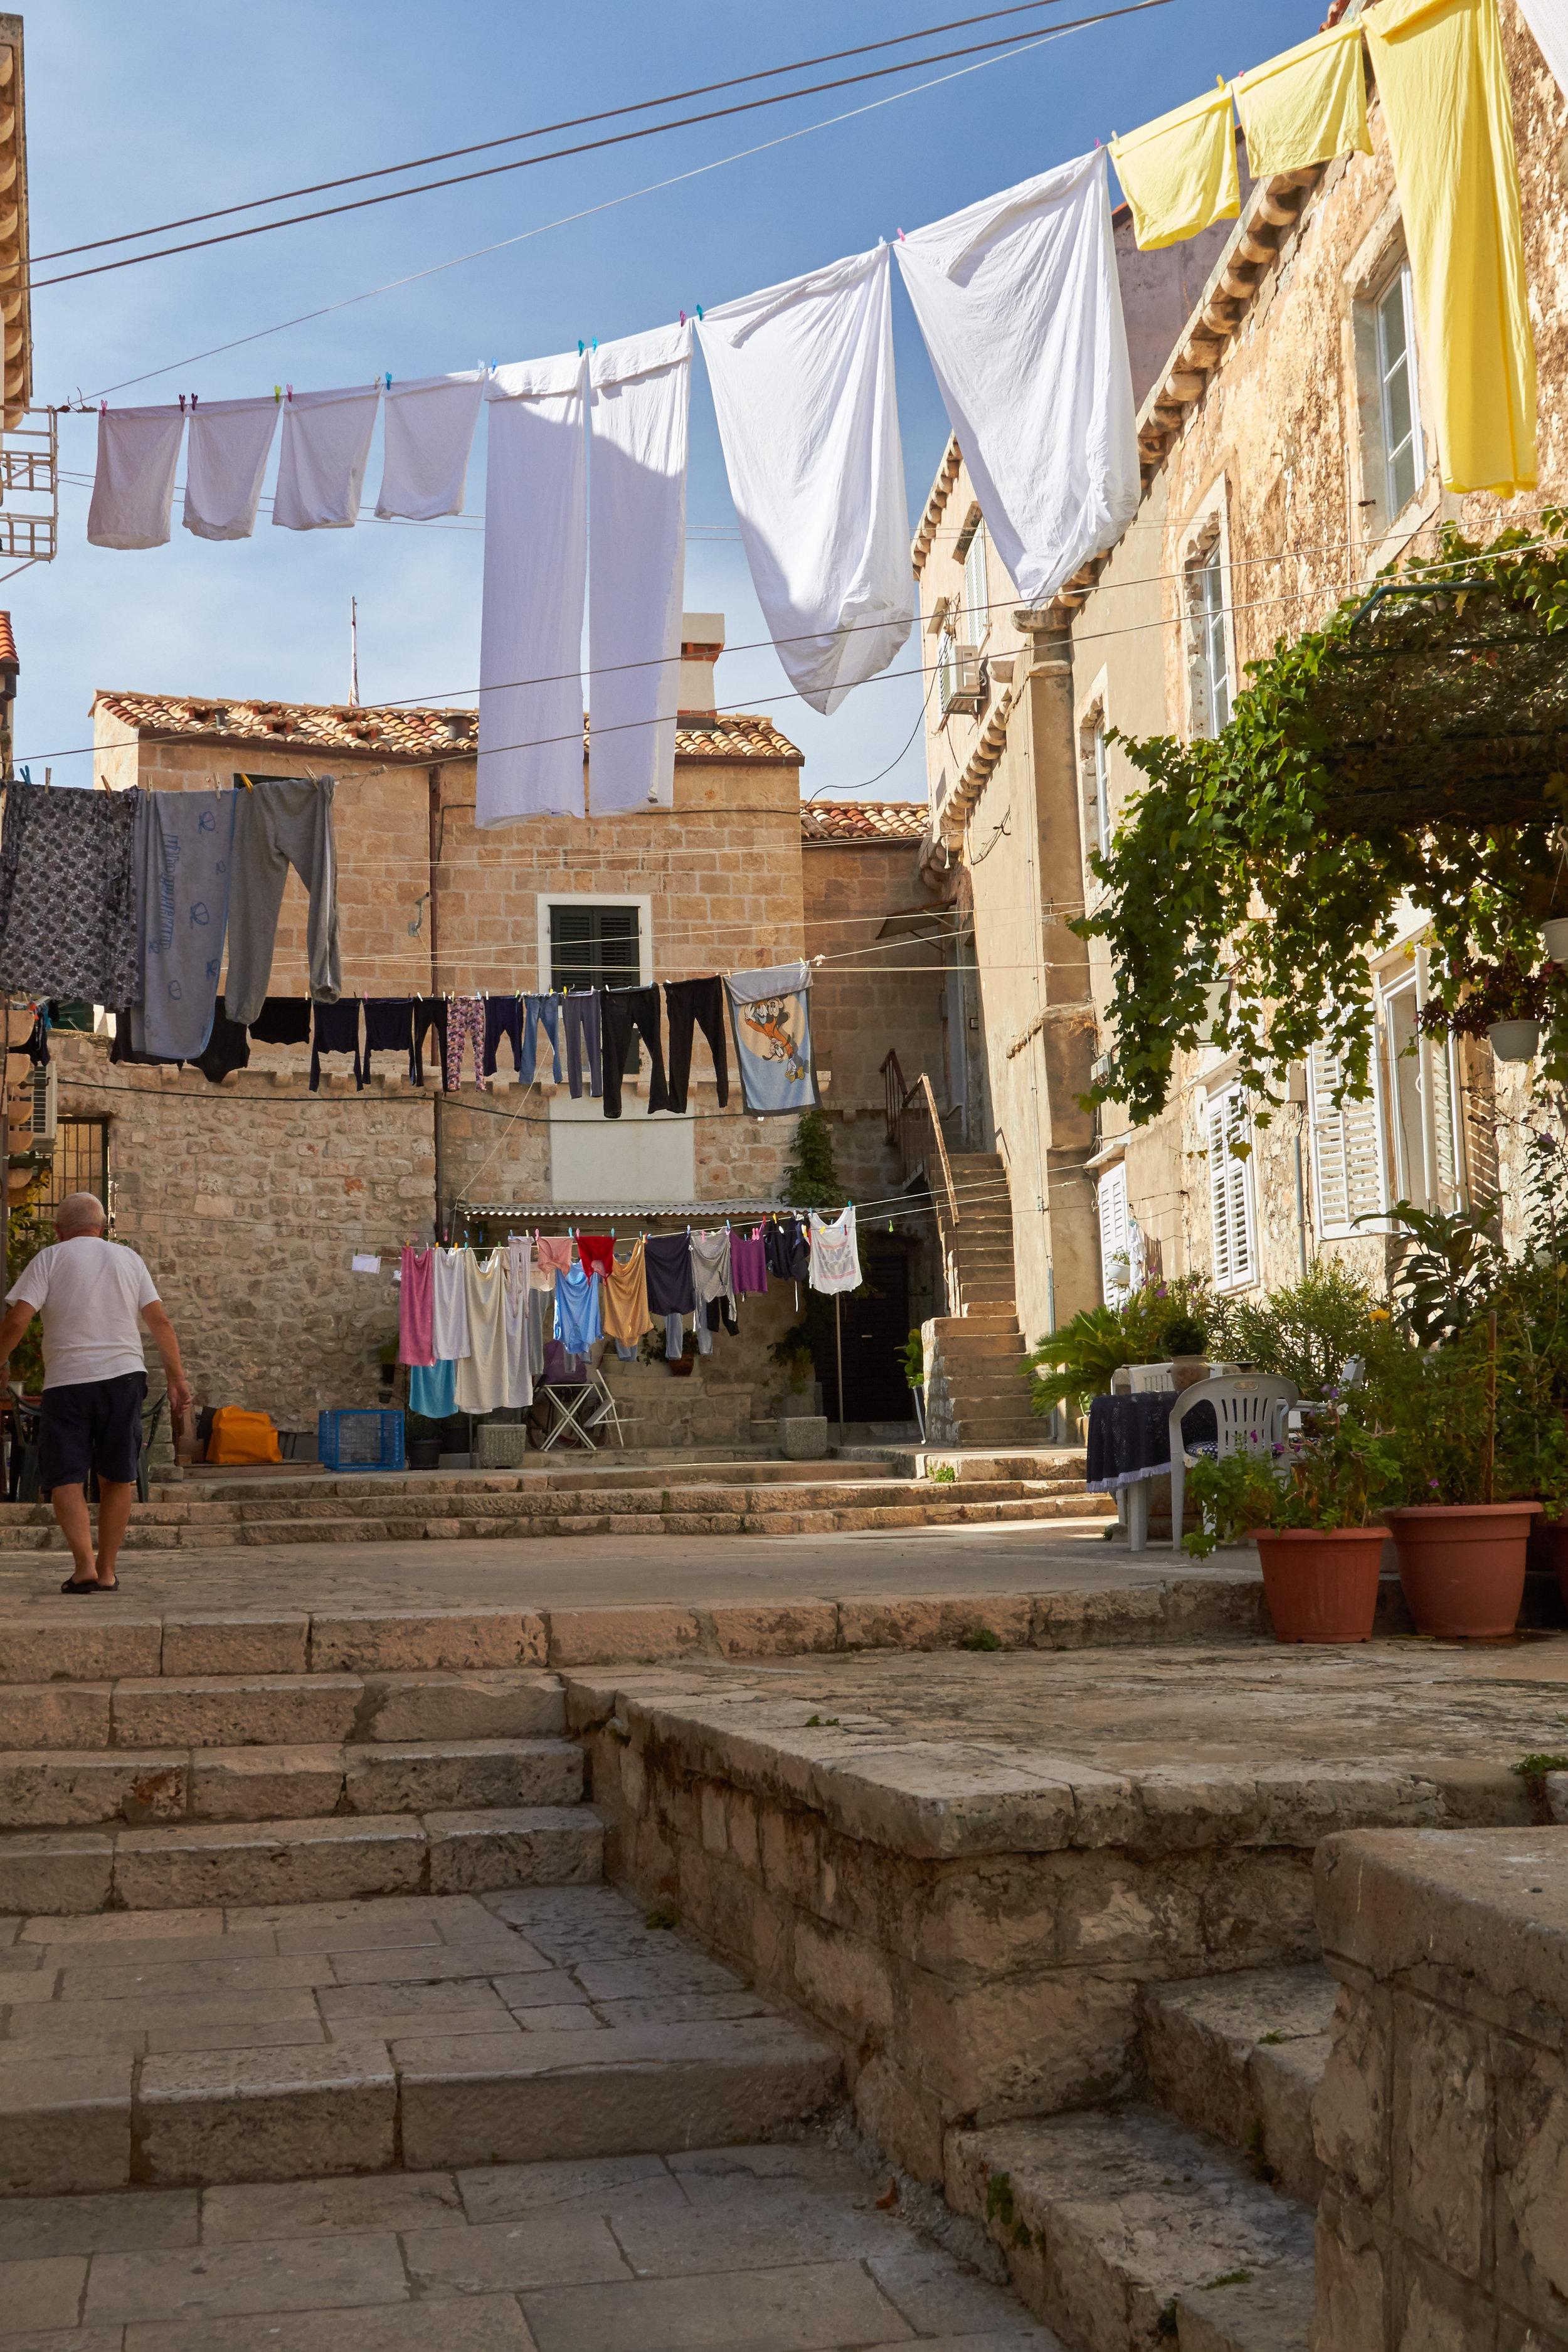 4_24-09-17_Dubrovnik_0605_PROCESSED.jpg